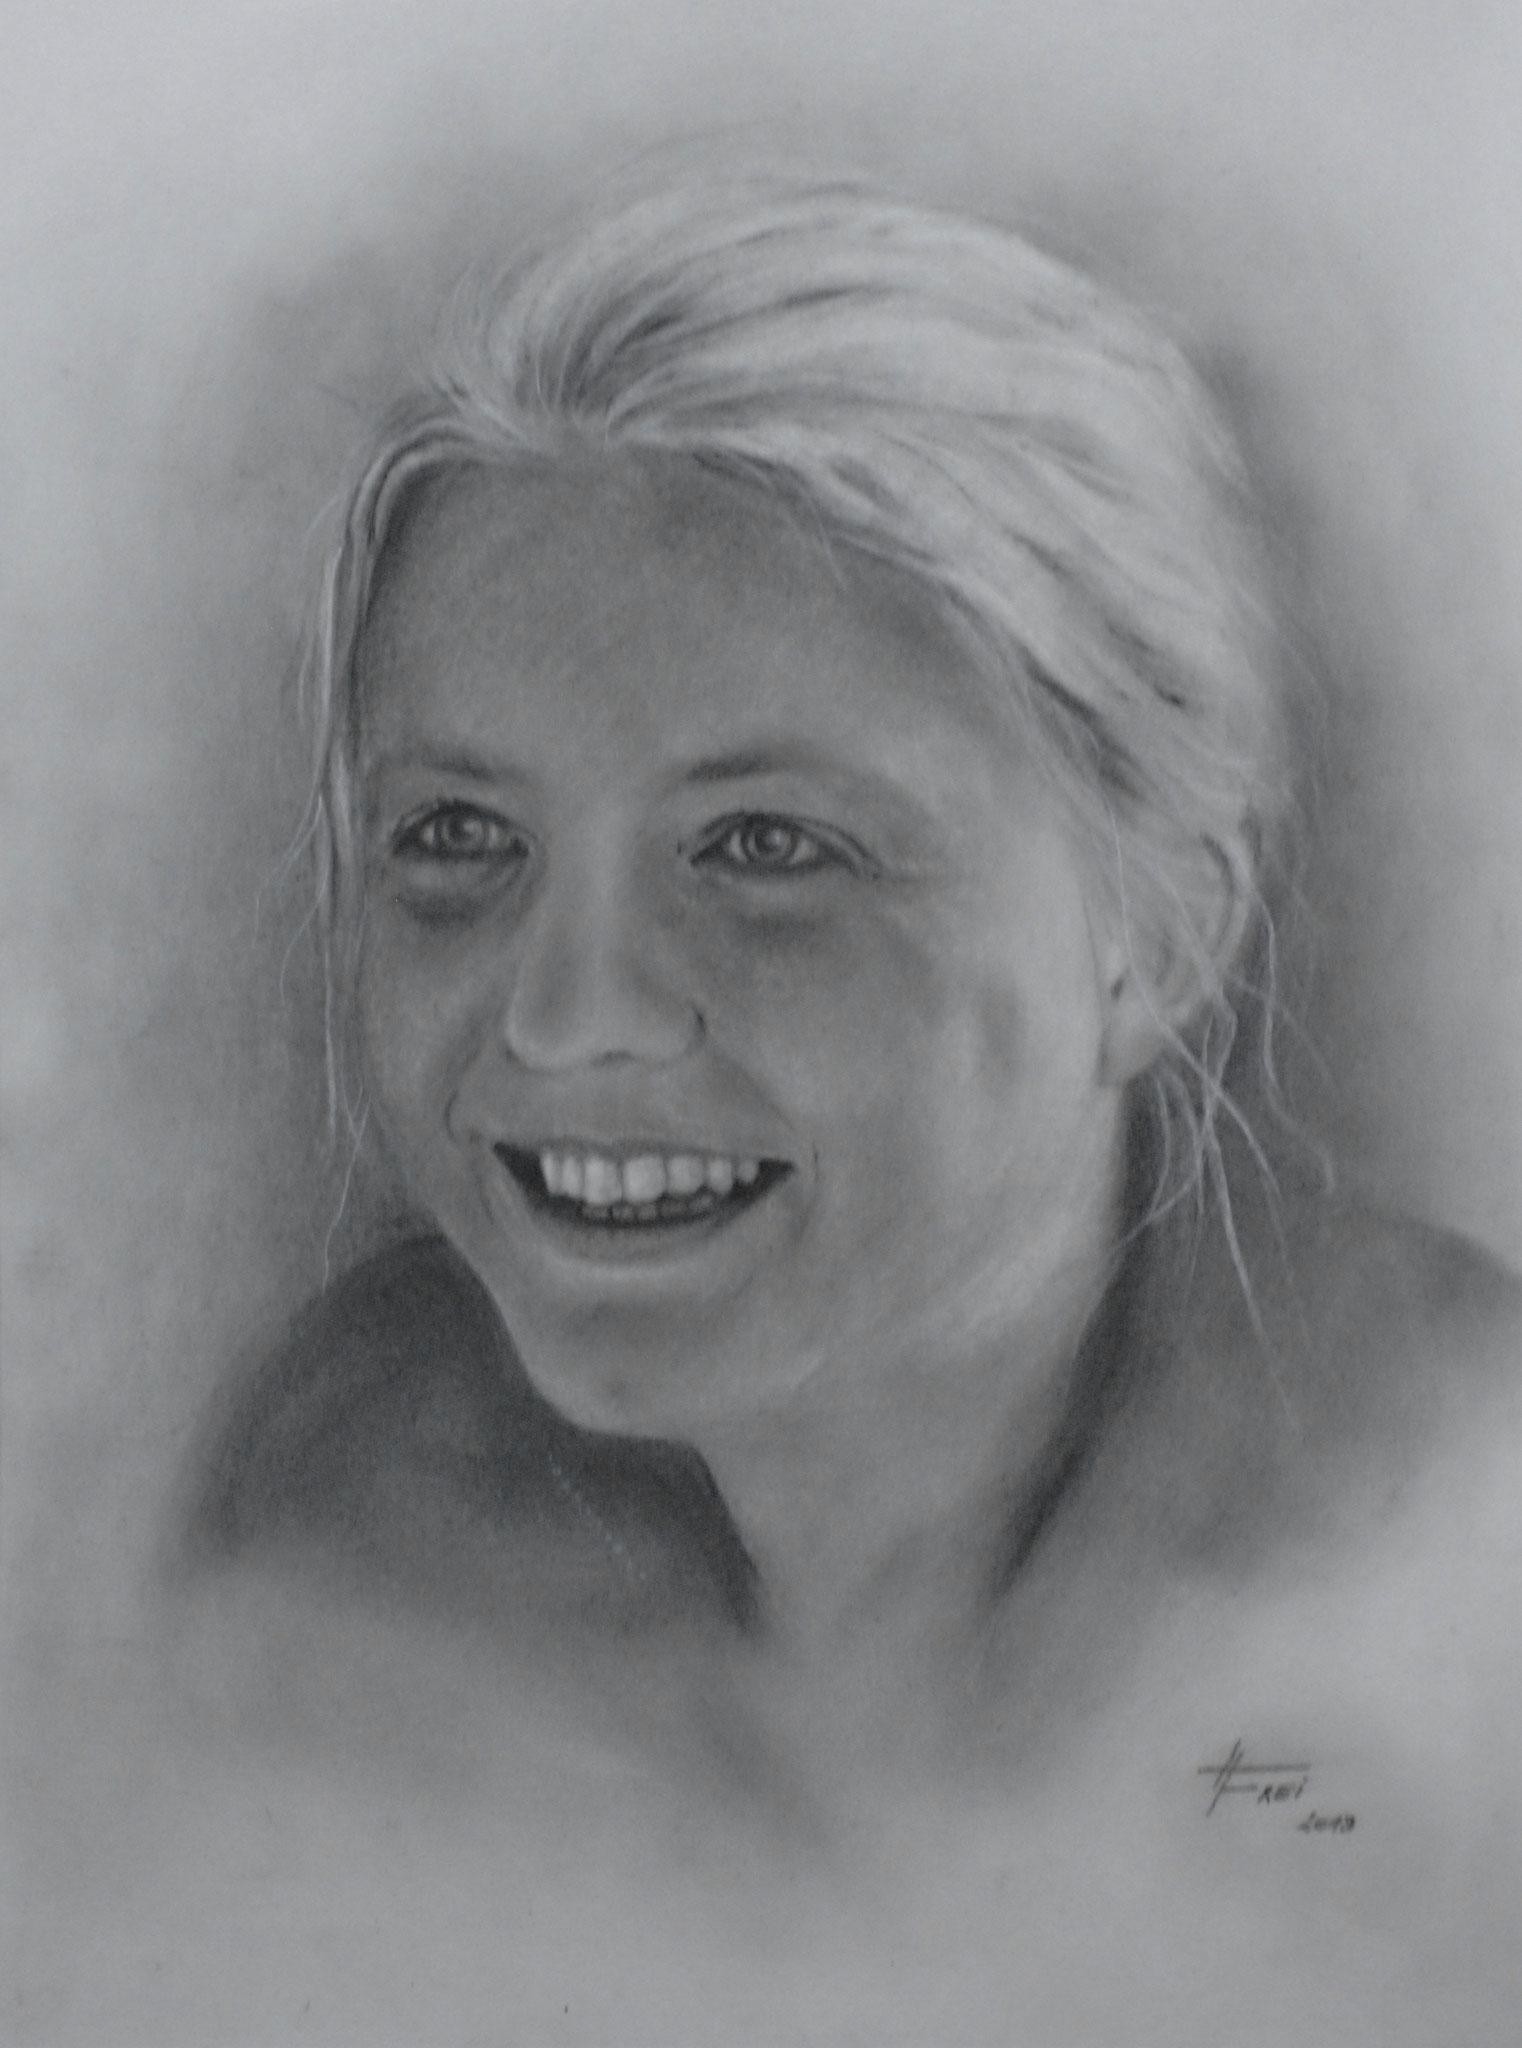 ART HFrei - NN - Graphit-Pulver